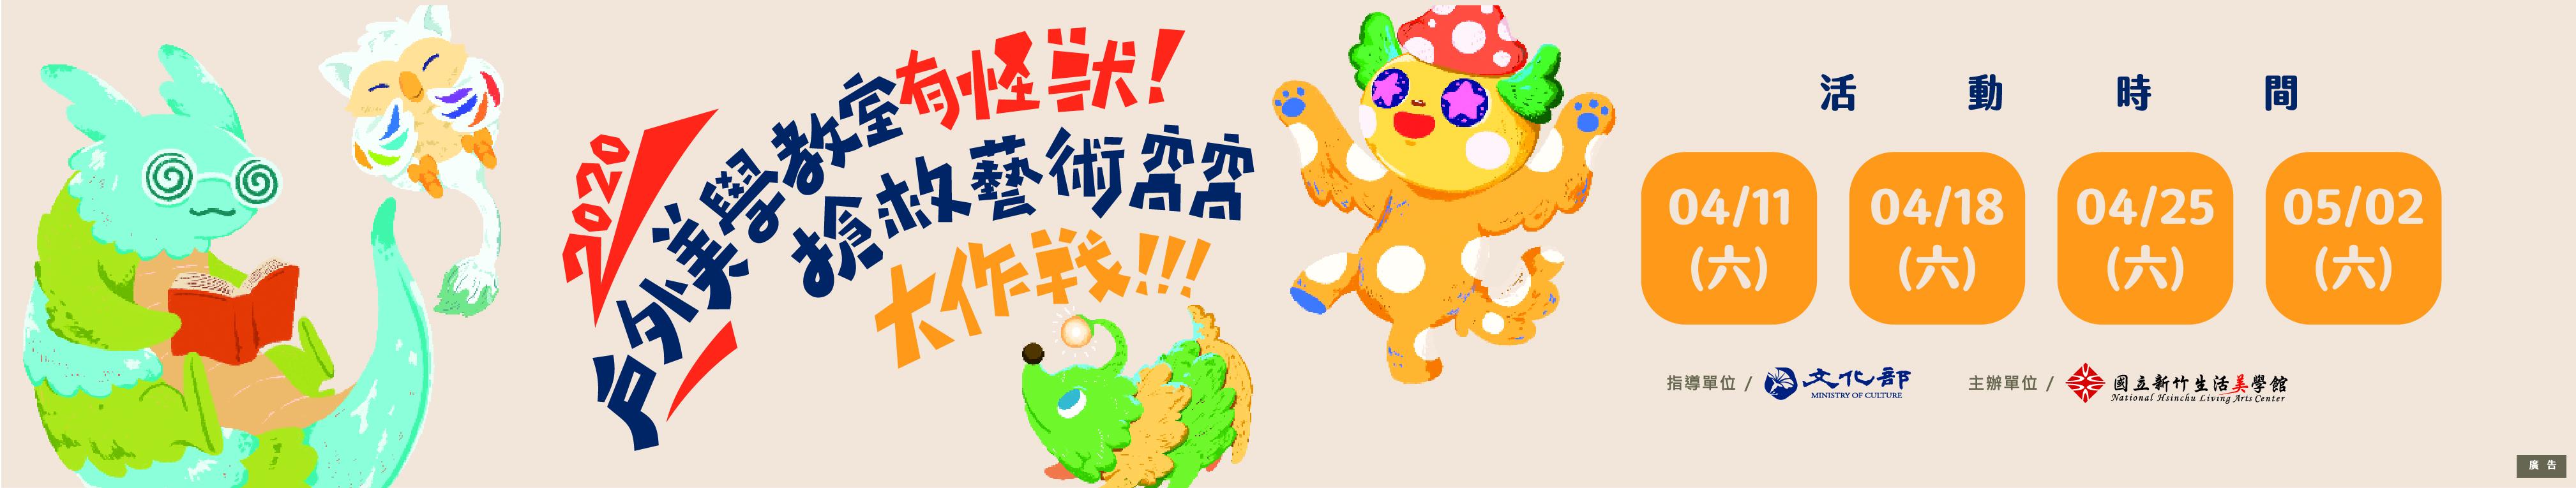 戶外美學教室【有怪獸!!!】搶救藝術窩窩大作戰